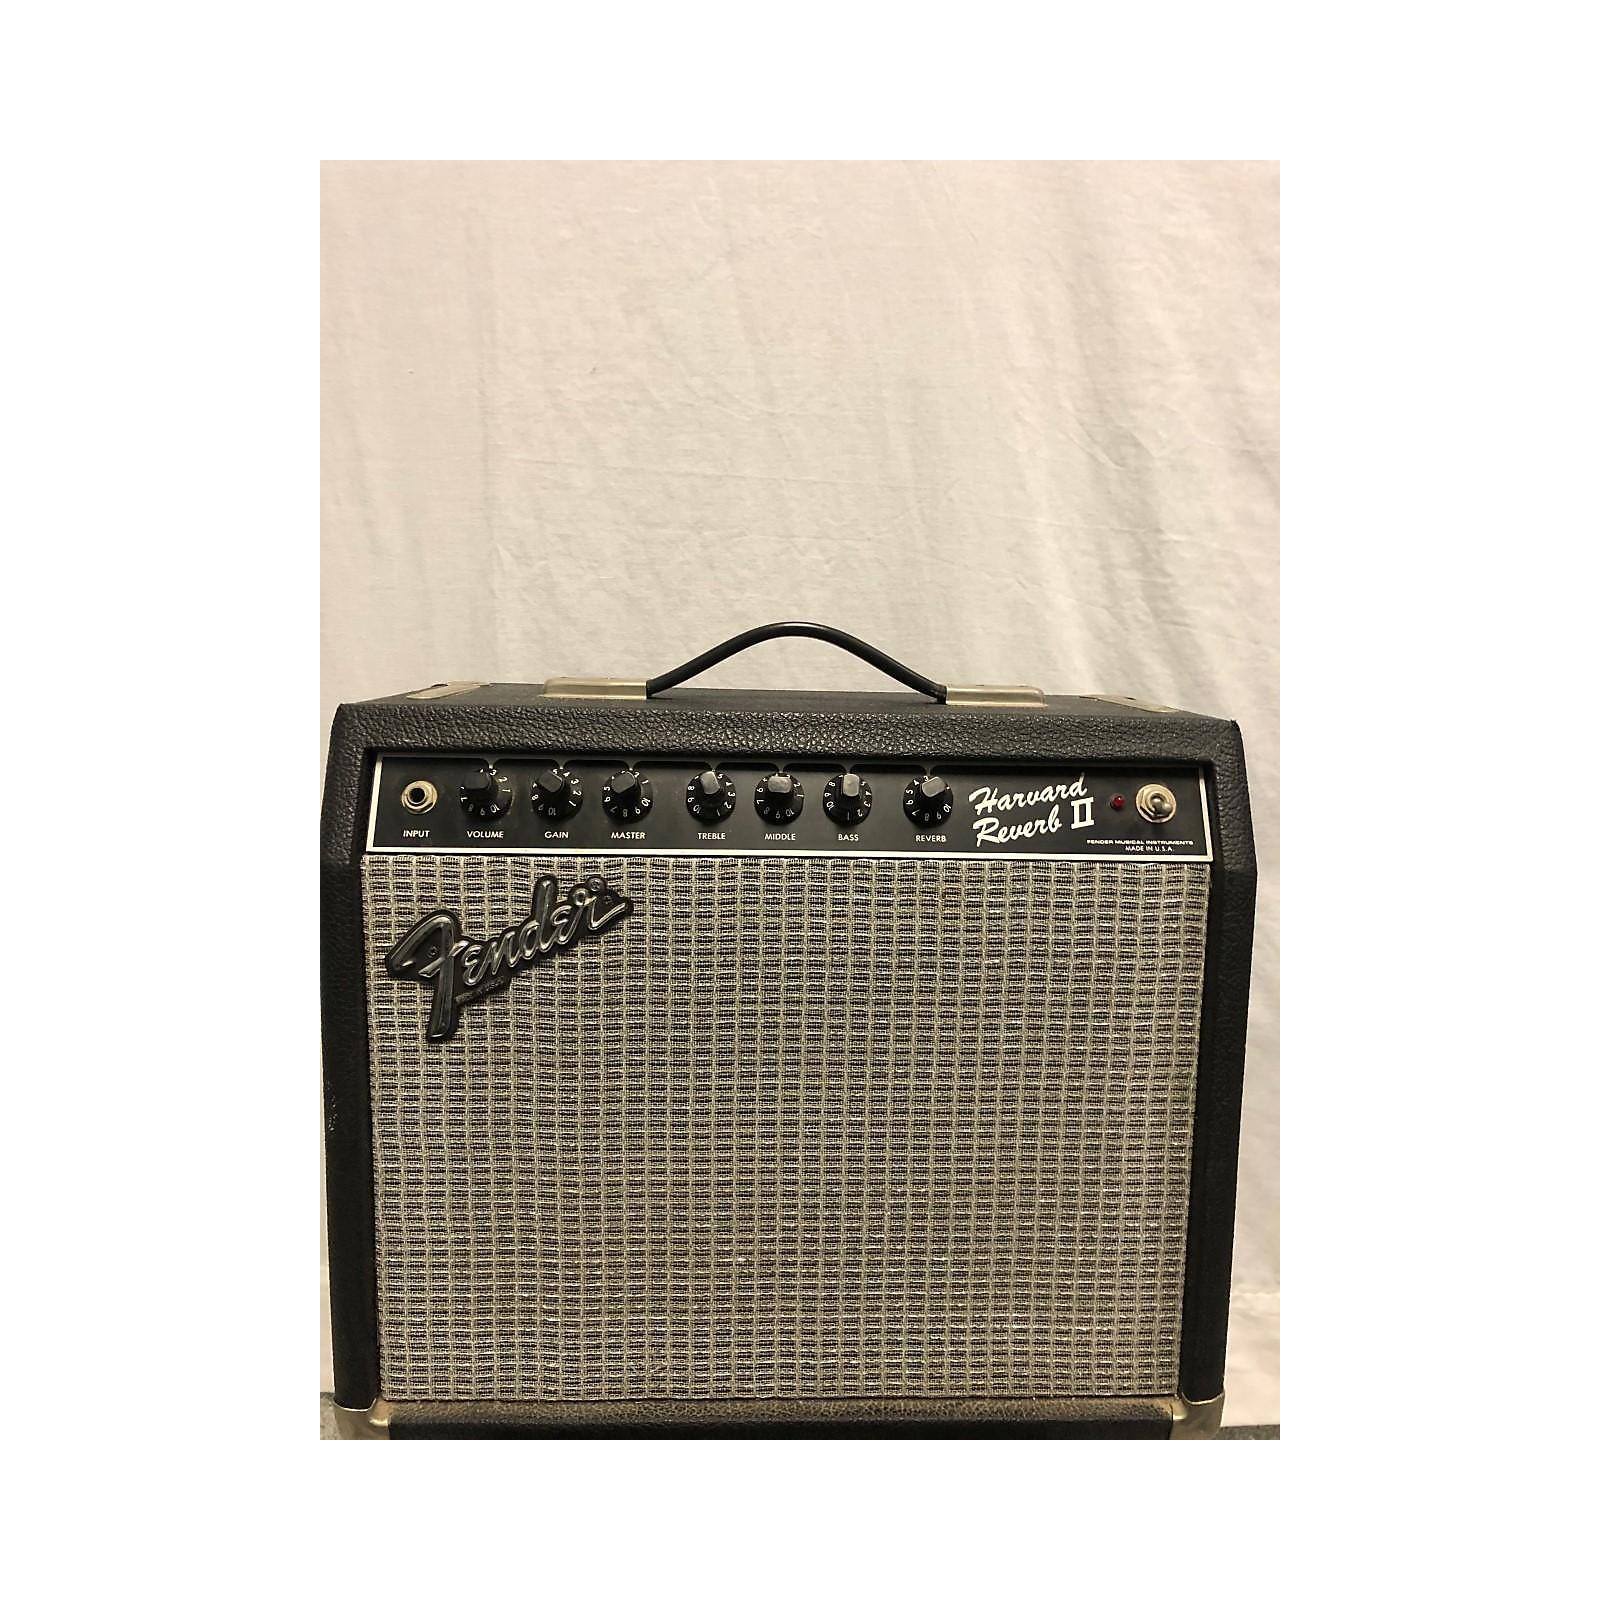 Fender 1980s Harvard Reverb II Guitar Combo Amp